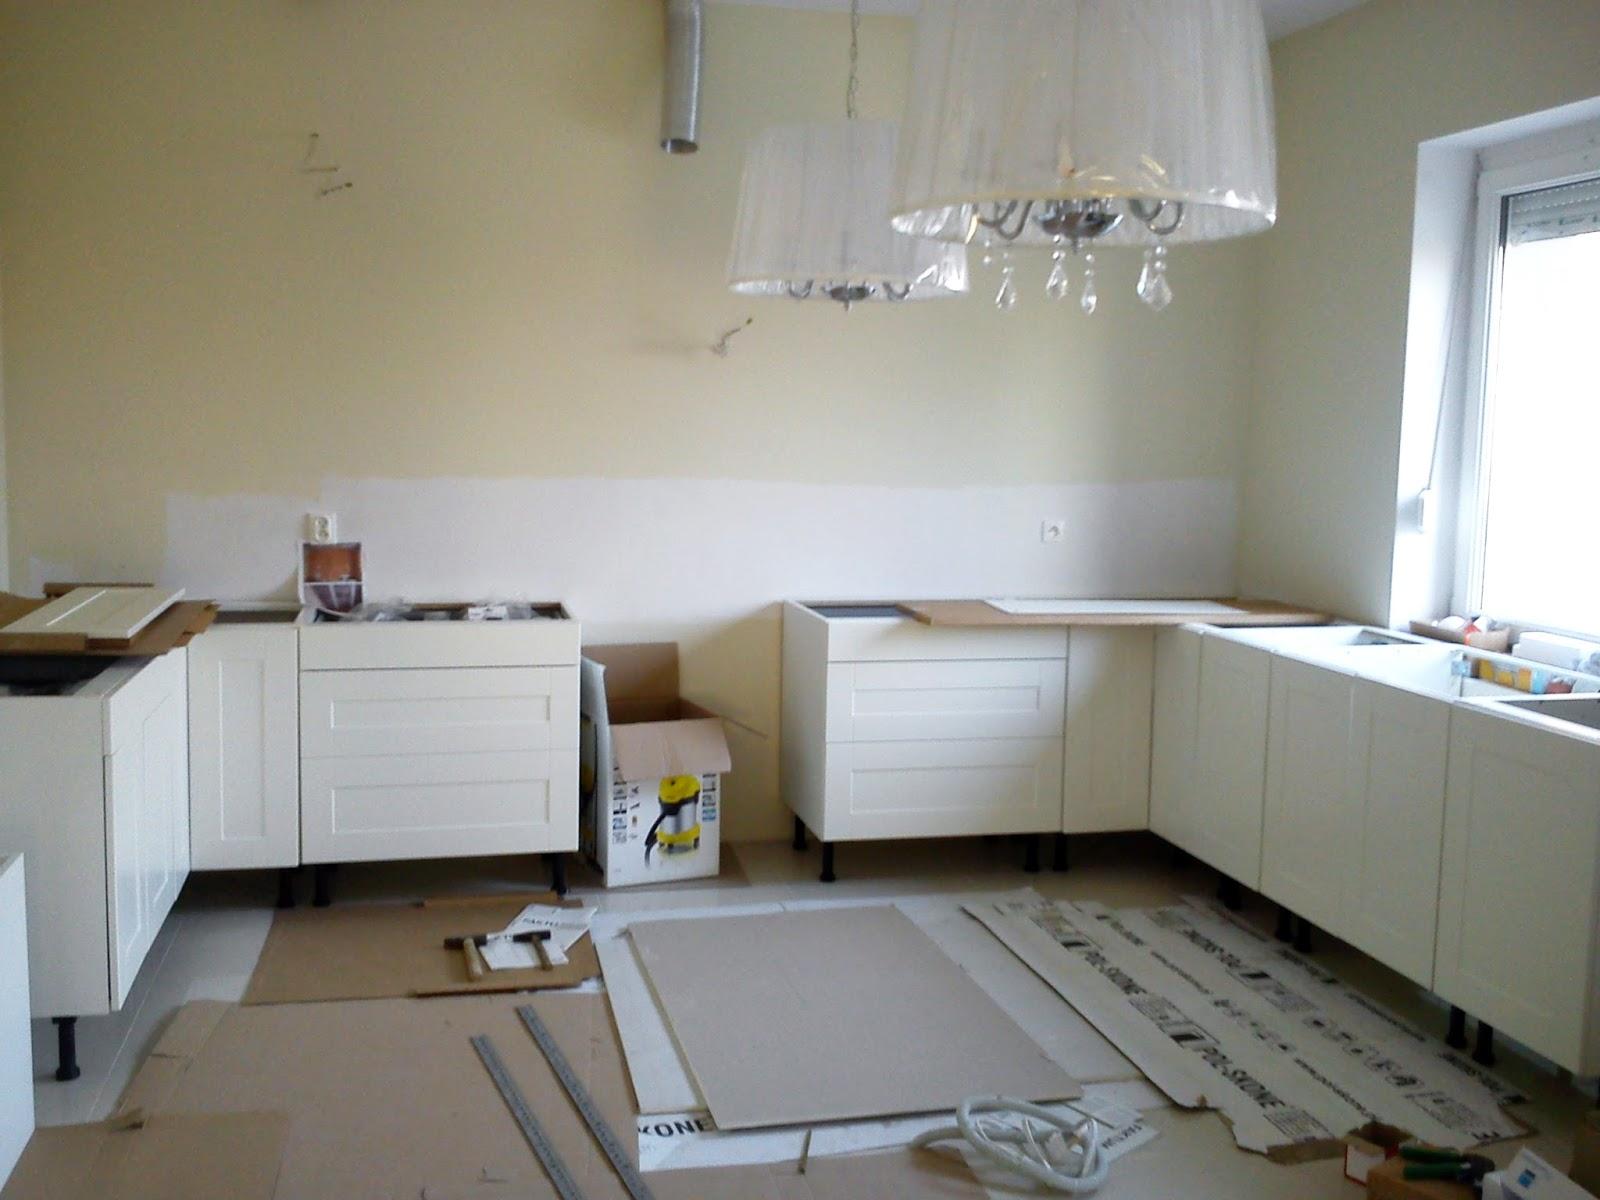 Home We Love Kuchnia IKEA – Składamy meble i montujemy blaty kamienne